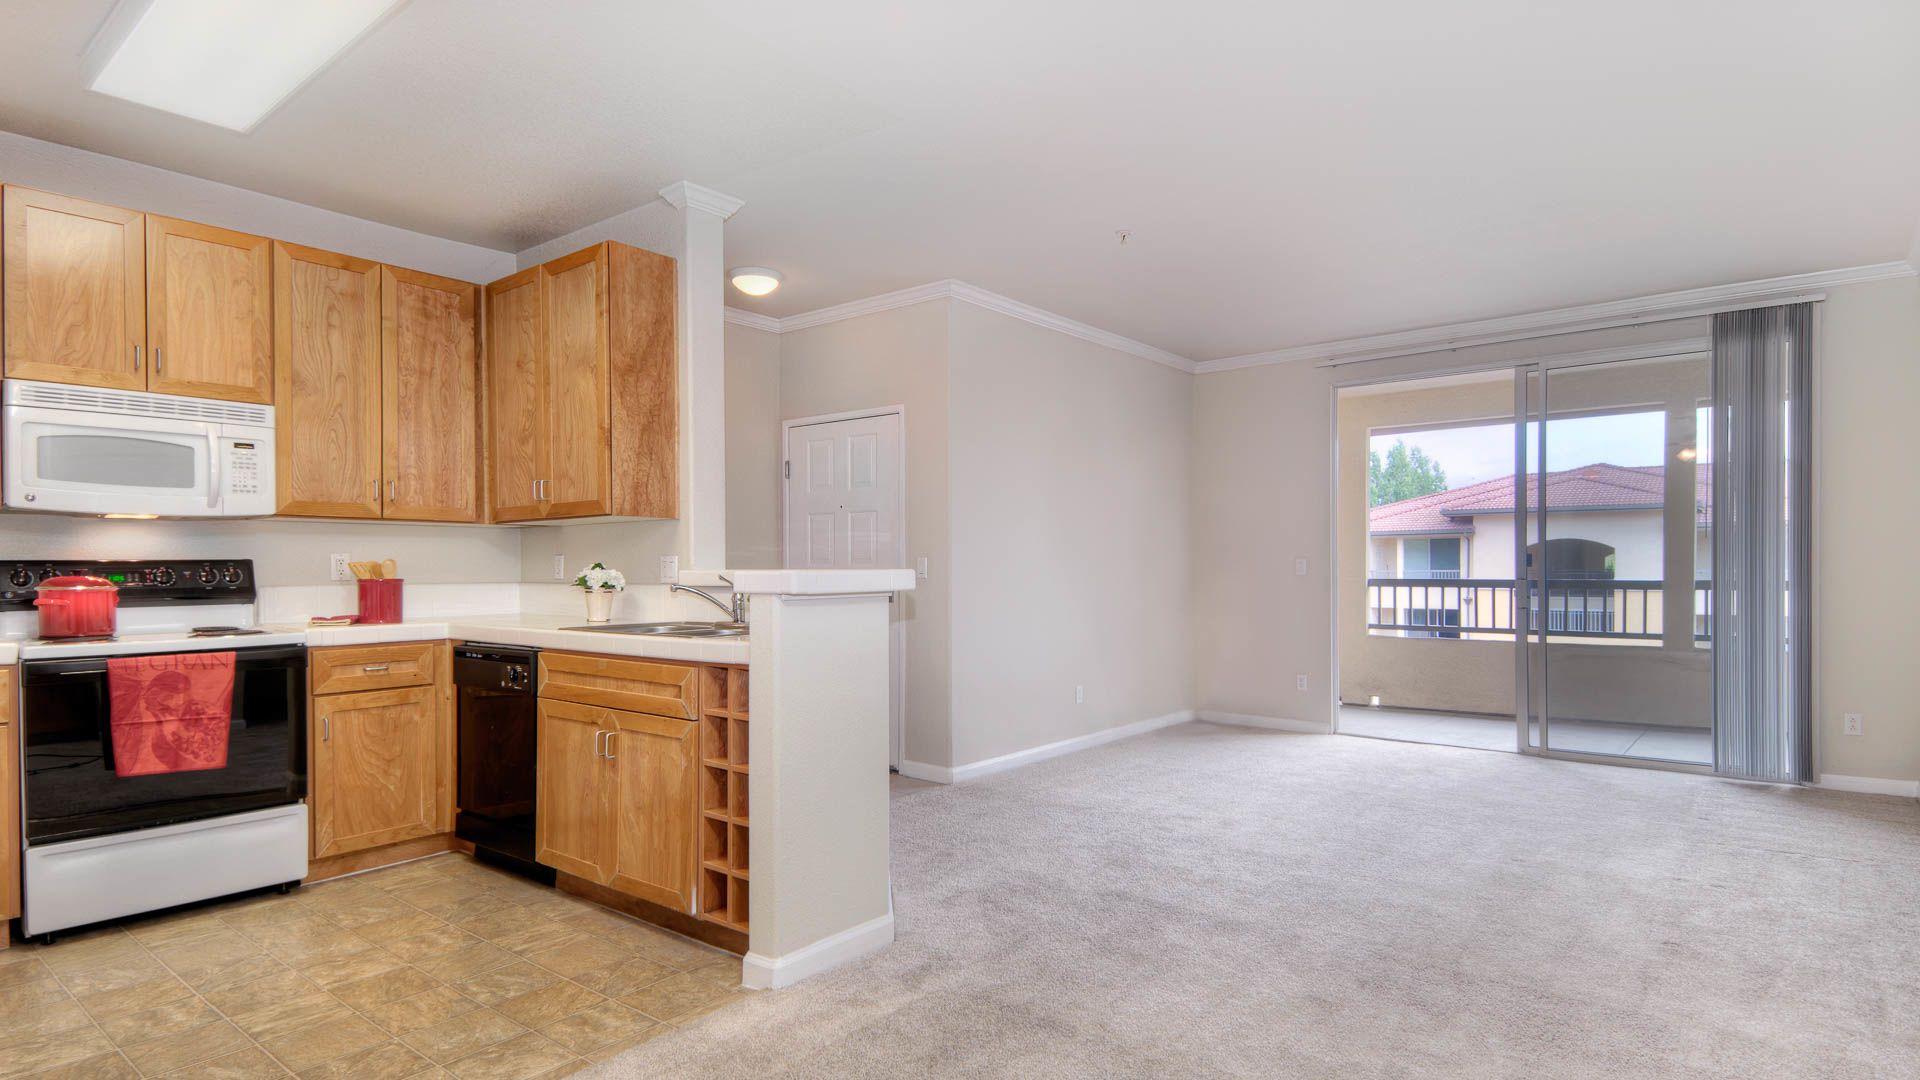 Estancia at Santa Clara Apartments - Living Room